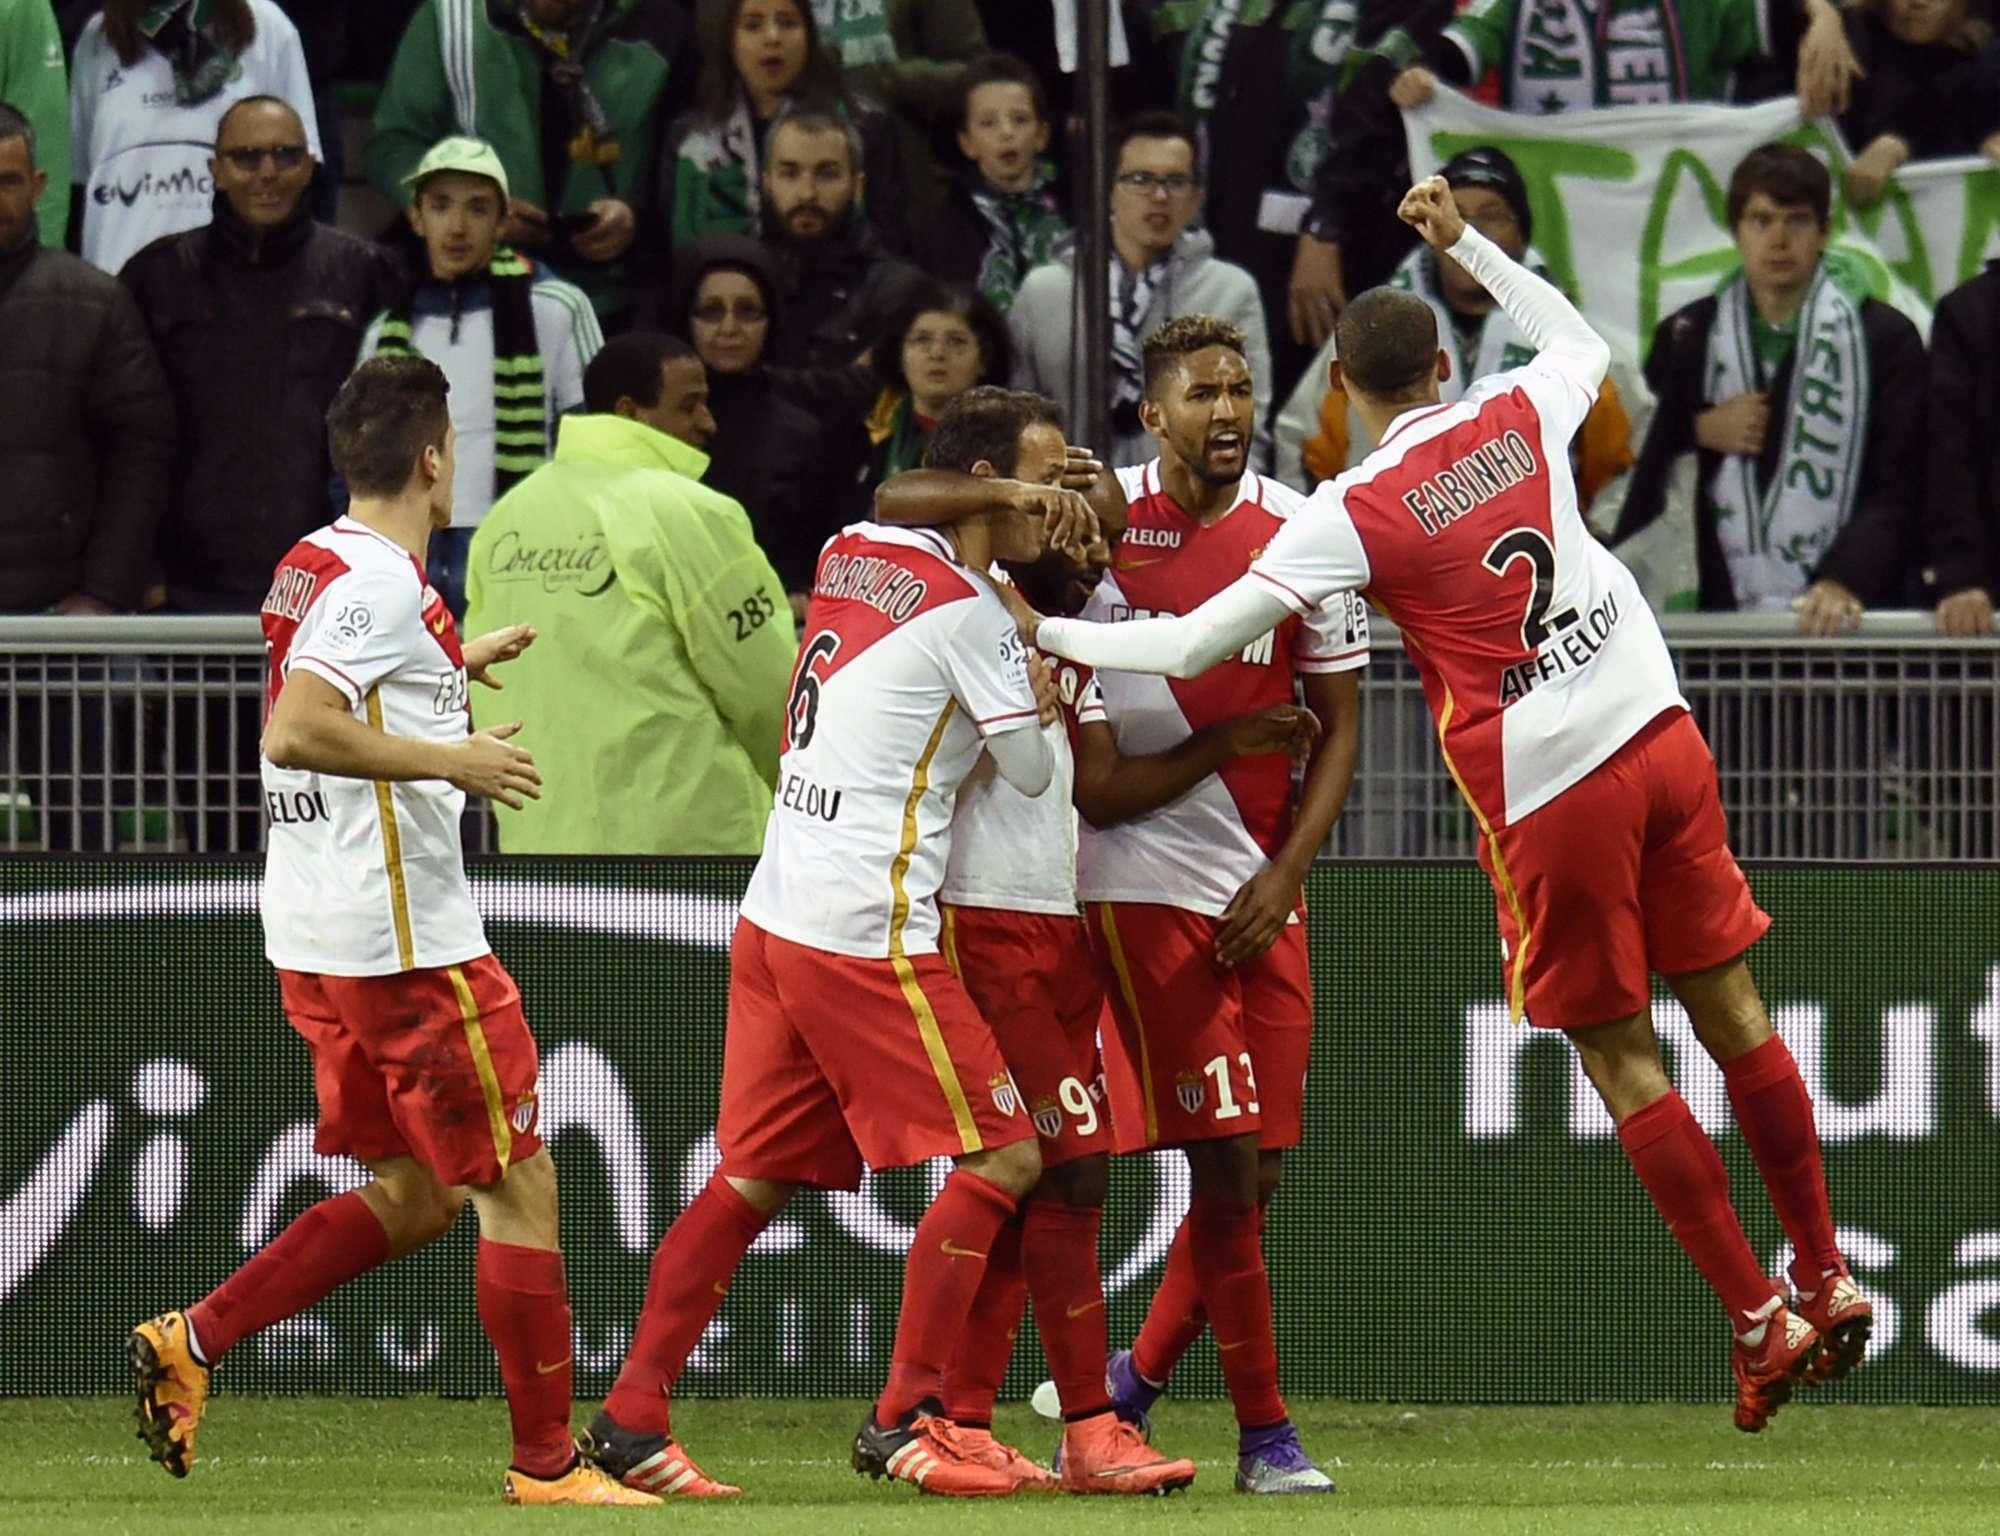 Il Monaco è in piena corsa per raggiungere i primi 3 posti della classifica di Ligue 1